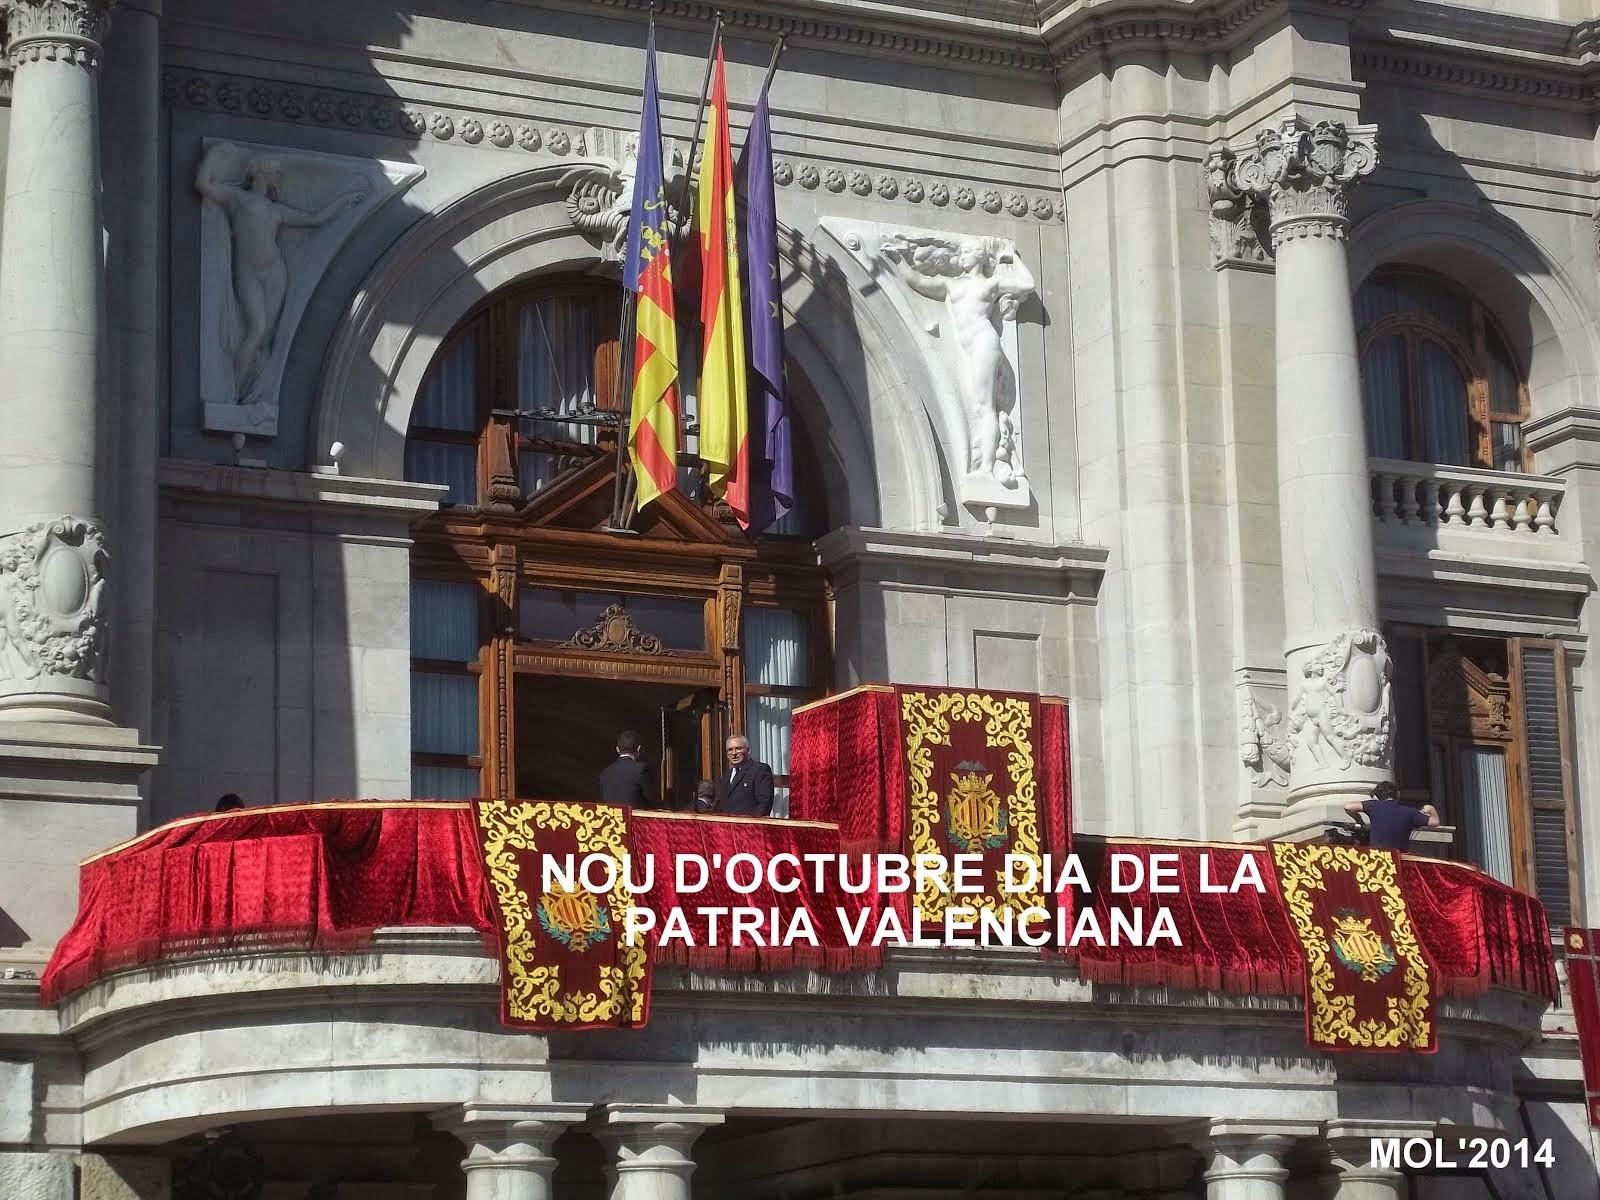 NOU D'OCTUBRE, LA FESTA DE TOTS ELS VALENCIANS D'ALACANT, CASTELLO I VALENCIA.